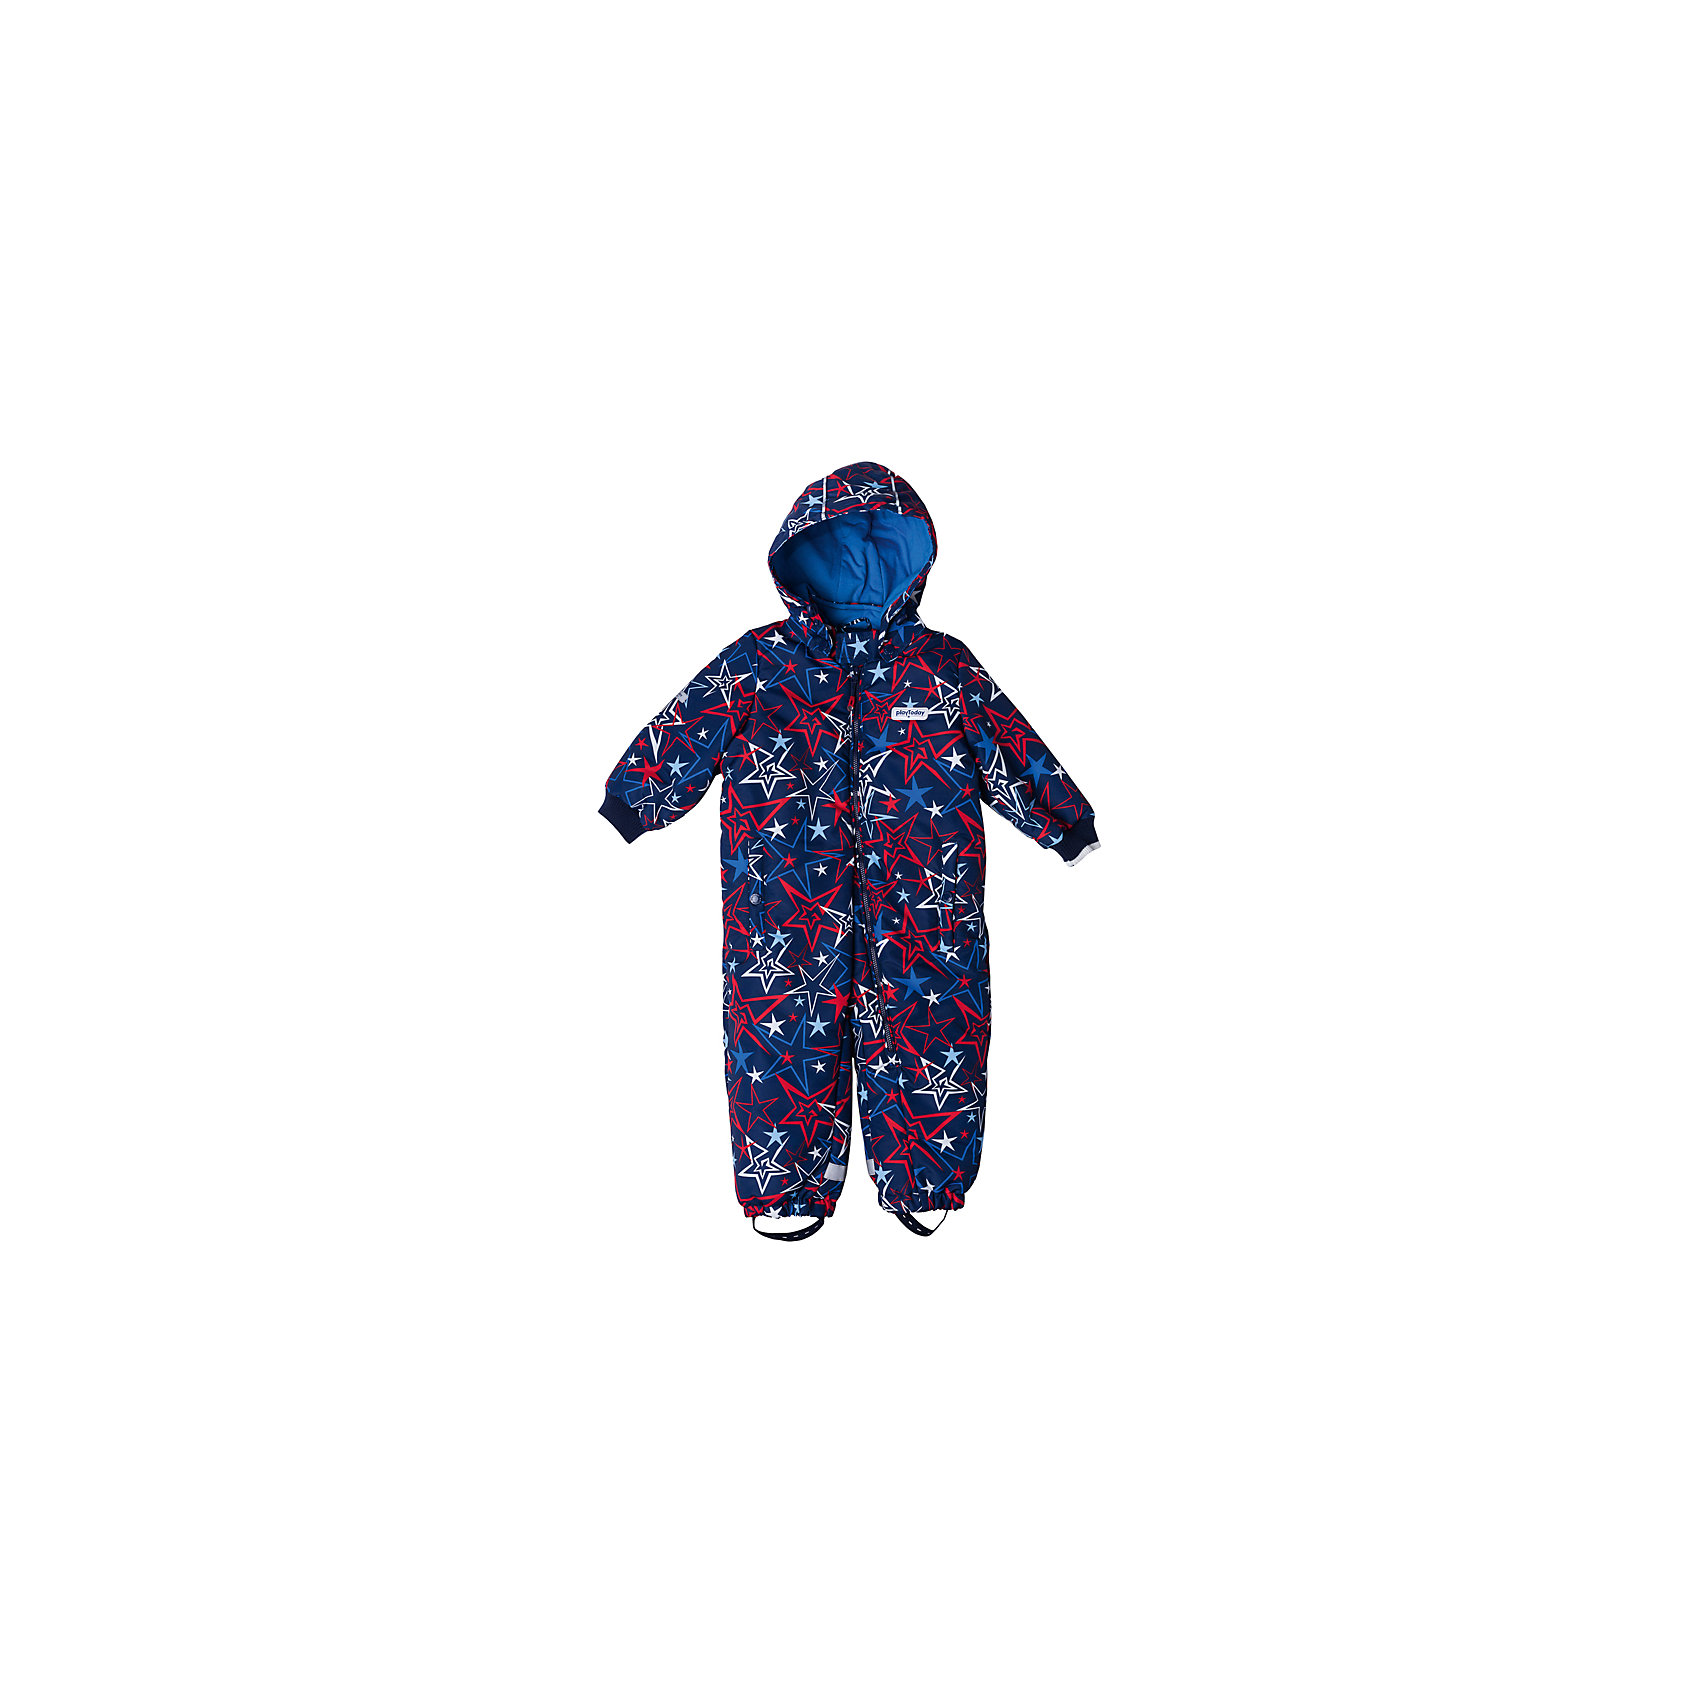 Комбинезон для мальчика PlayTodayВерхняя одежда<br>Комбинезон для мальчика PlayToday<br>Утепленный комбинезон прекрасно подойдет для холодной ветреной погоды. Ассиметричное расположение застежки - молнии позволит легко снимать и одевать данное изделие. Натуральный материал подкладки приятен к телу. Специальный карман для застежки молнии не позволит застежке травмировать нежную кожу ребенка. Низ брючин и манжеты на мягких резинках для дополнительного сохранения тепла. Модель со специальными резинками для фиксации обуви. Комбинезон со специальными светоотражающими элементами. Ваш ребенок будет виден в темное время суток.Преимущества: Защита подбородка. Специальный карман для фиксации застежки-молнии. Наличие данного кармана не позволит застежке -молнии травмировать нежную кожу ребенкаМодель со специальными резинками для фиксации обувиПодкладка из натурального материала<br>Состав:<br>Верх: 100% полиэстер, подкладка: 80% хлопок, 20% полиэстер, Утеплитель 100% полиэстер, 150 г/м2<br><br>Ширина мм: 157<br>Глубина мм: 13<br>Высота мм: 119<br>Вес г: 200<br>Цвет: разноцветный<br>Возраст от месяцев: 18<br>Возраст до месяцев: 24<br>Пол: Мужской<br>Возраст: Детский<br>Размер: 92,74,80,86<br>SKU: 5407685